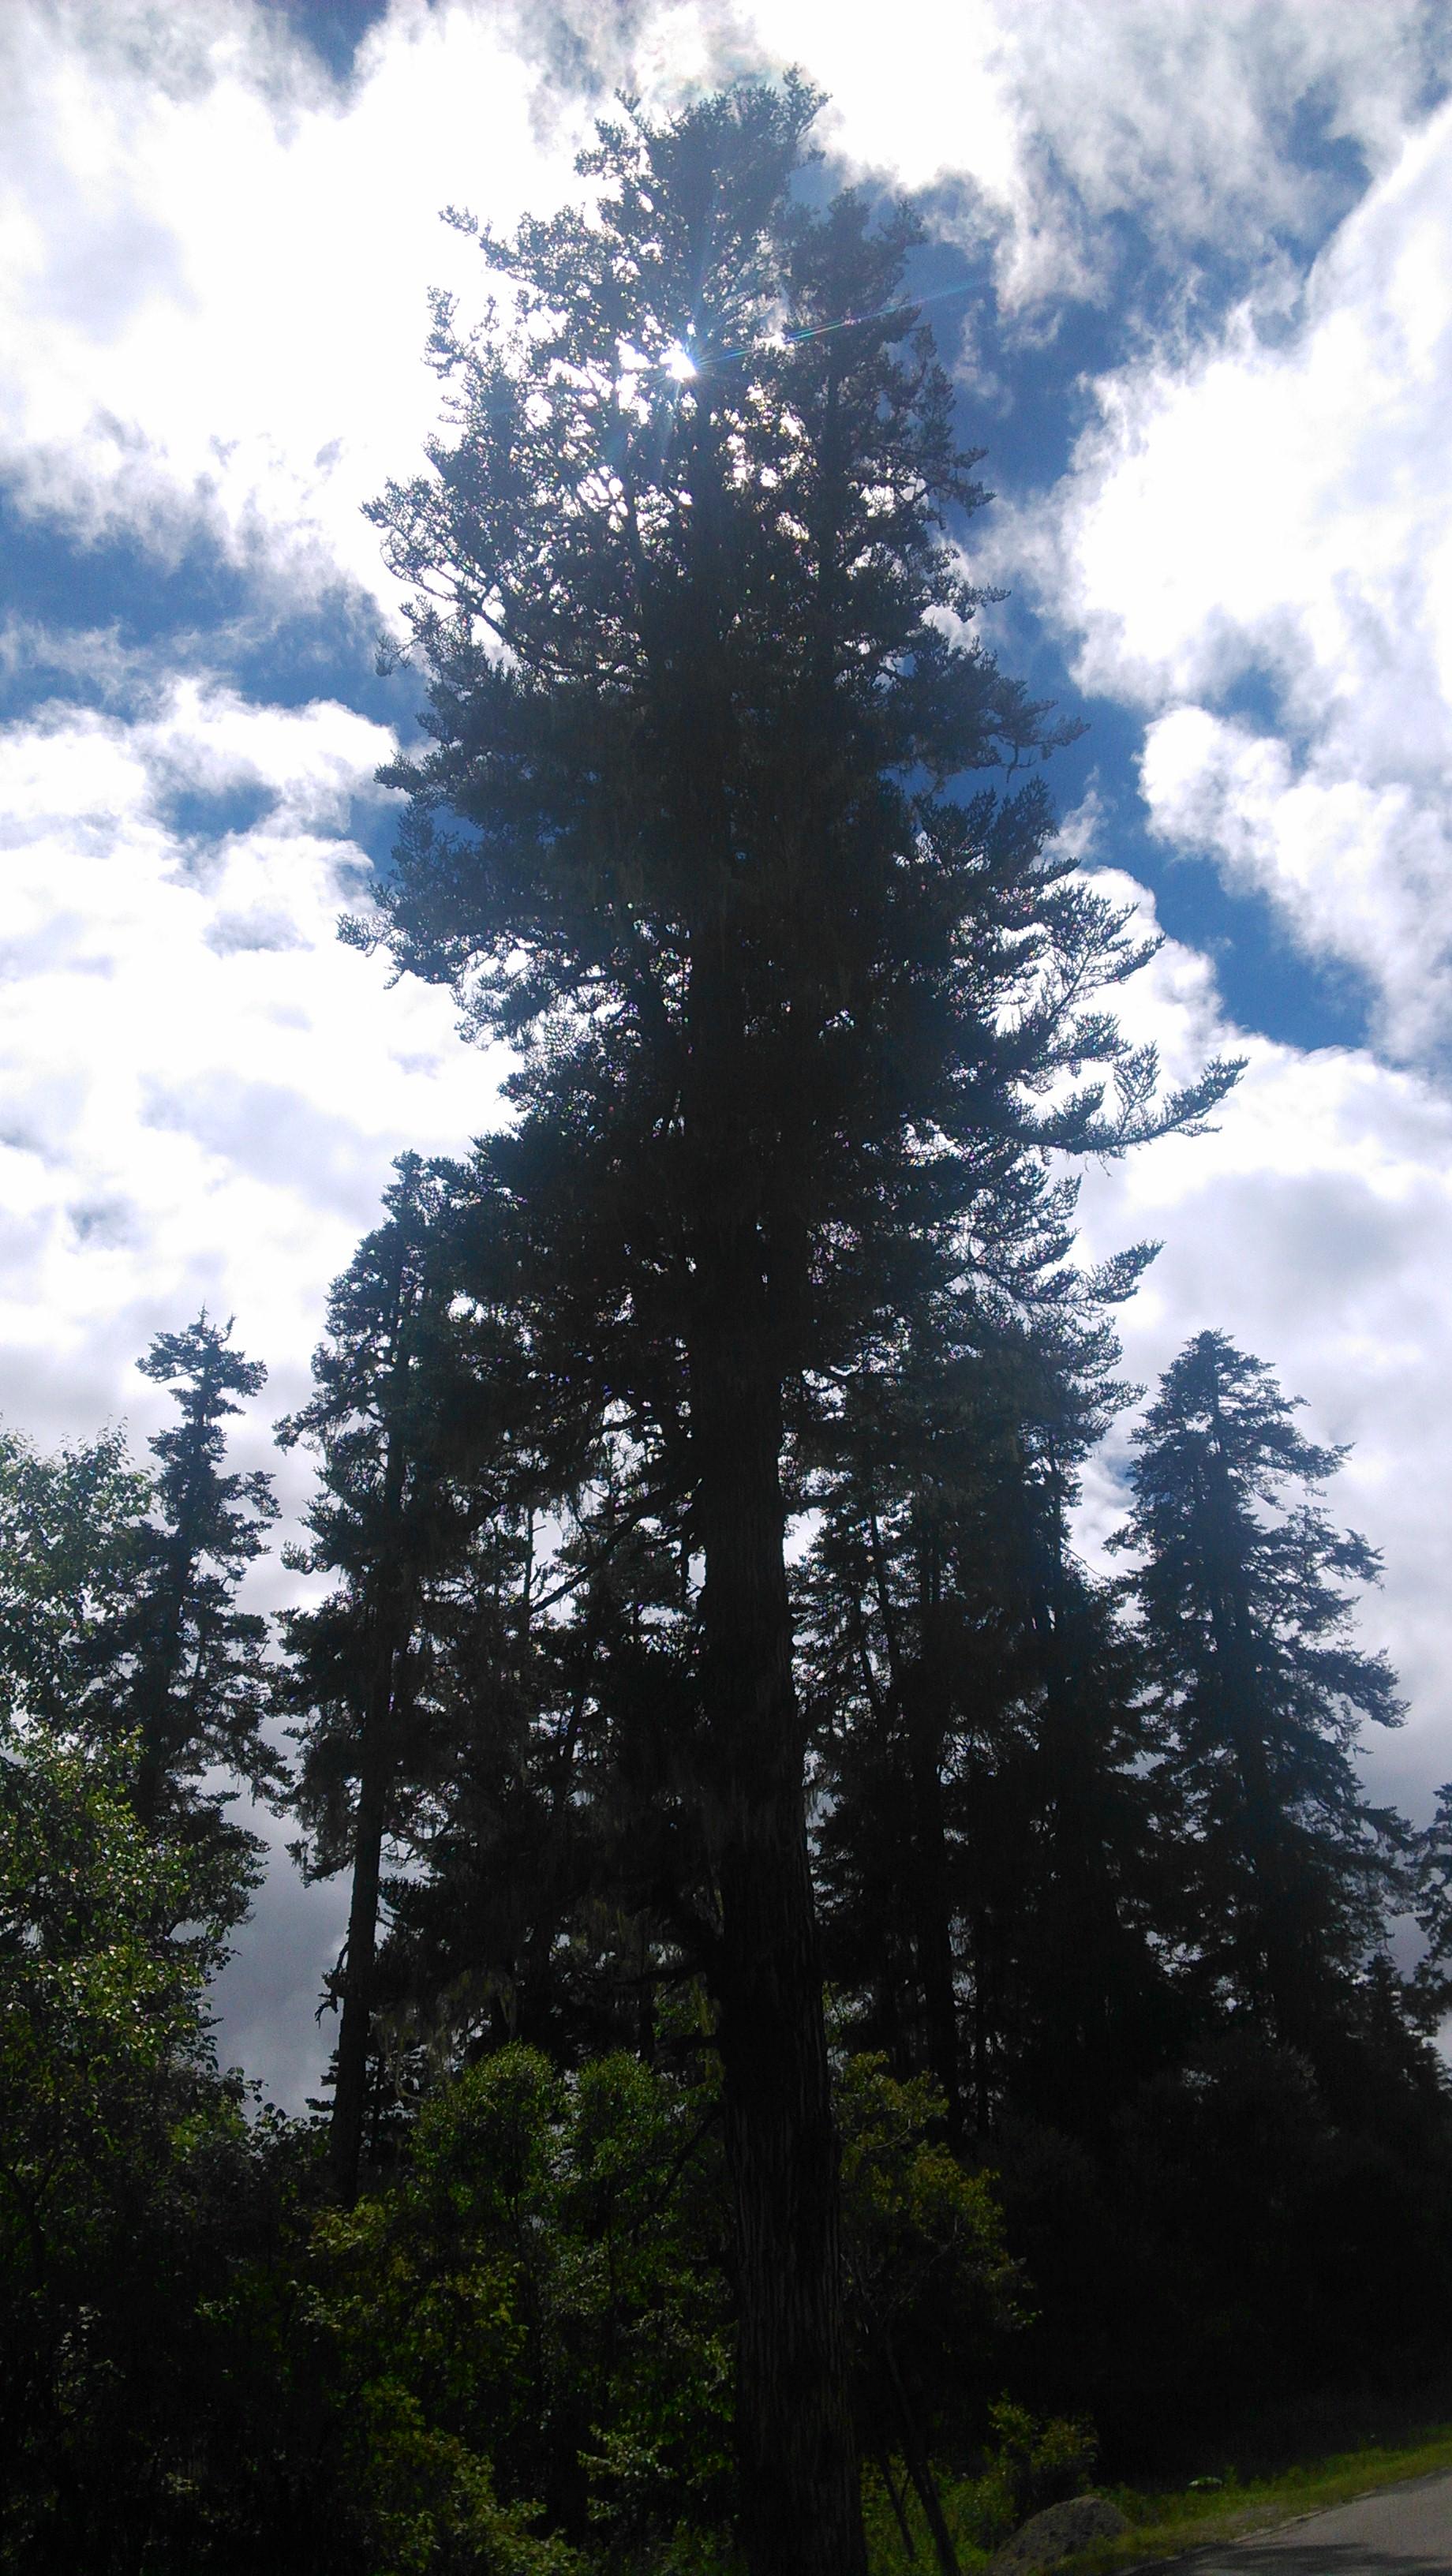 非常粗壮的一颗老树